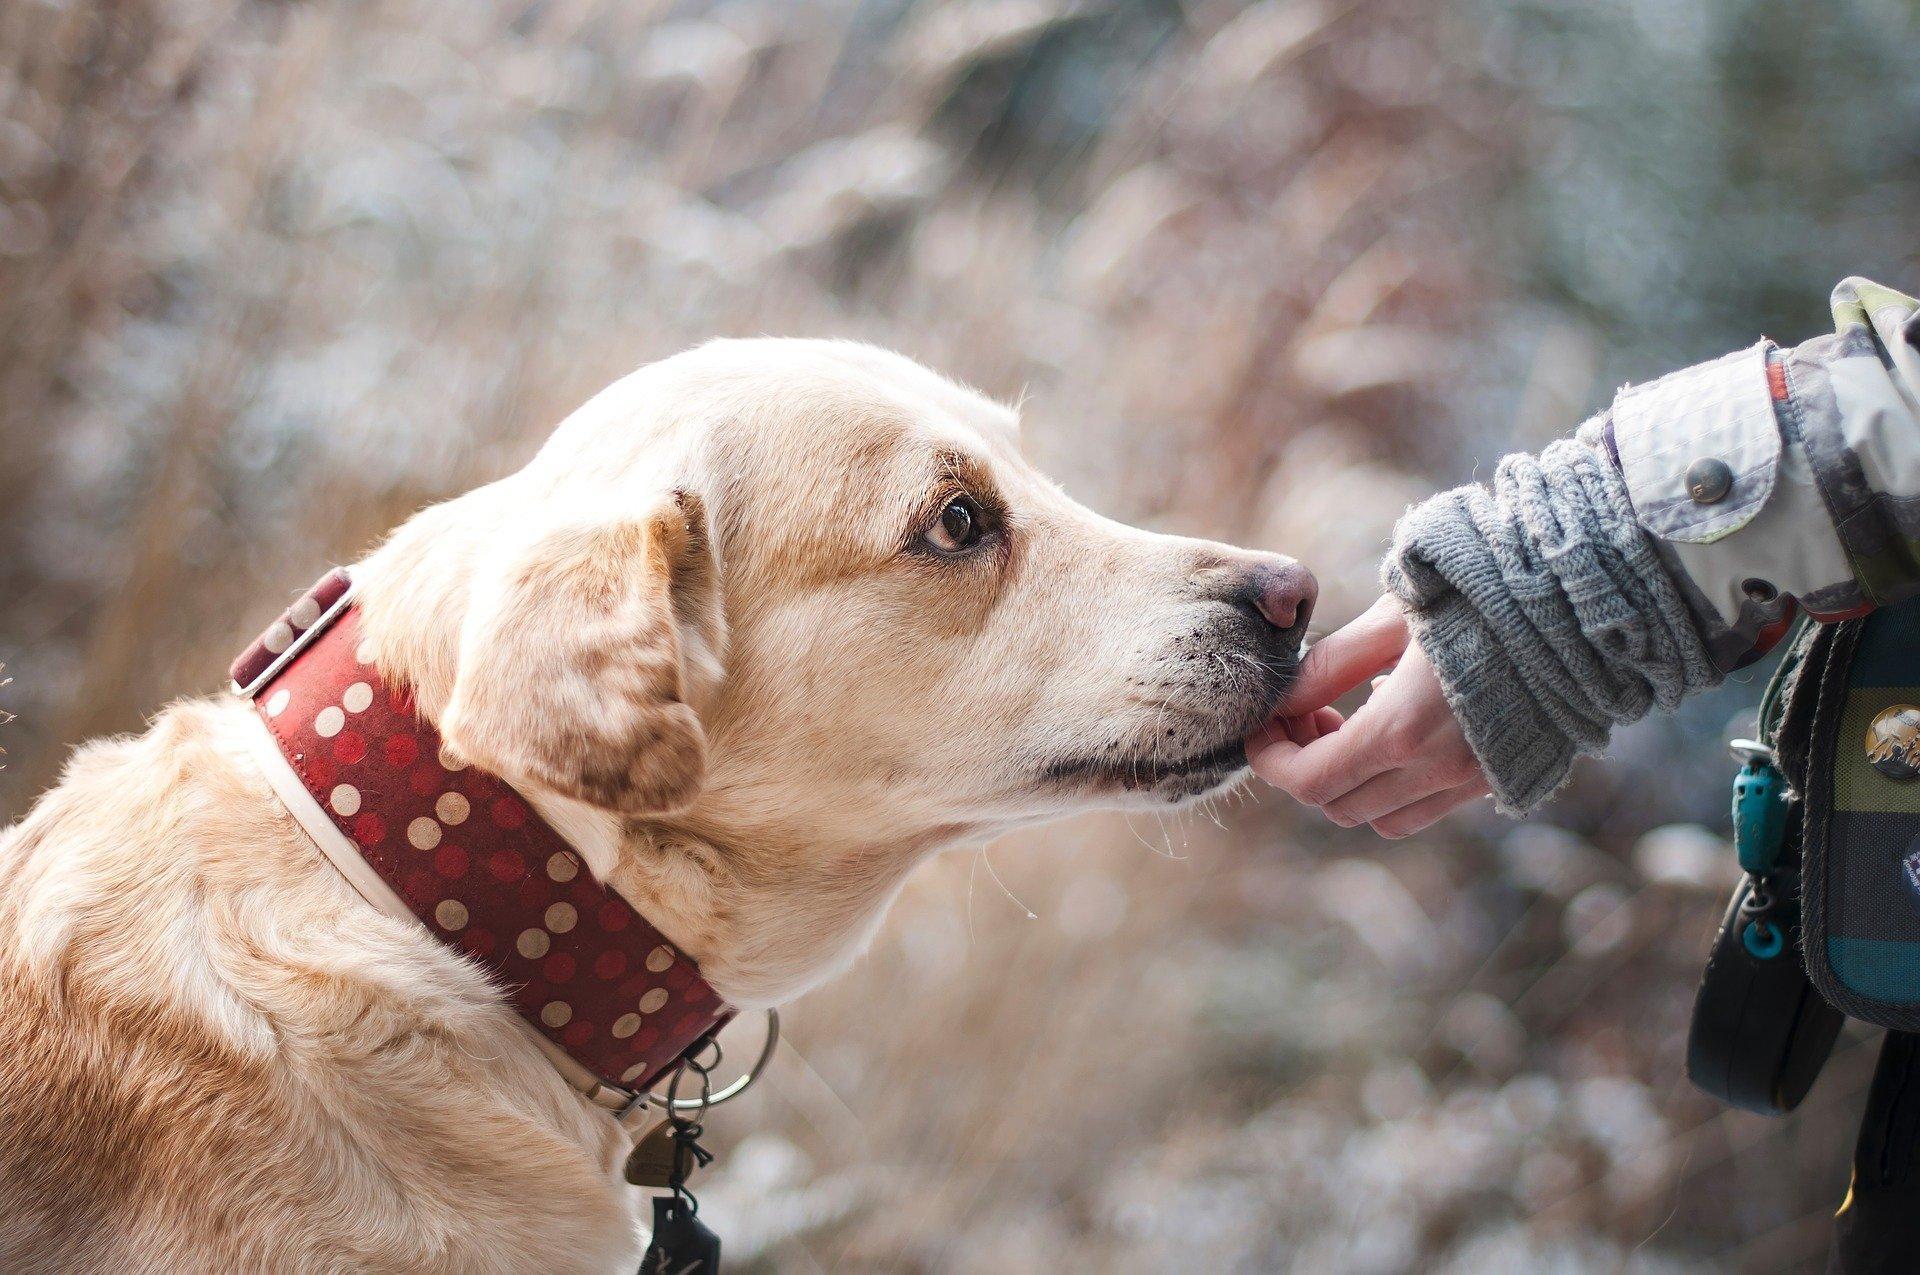 Bild Hund mit Besitzer, Quelle: Bild von Lenka Novotná auf Pixabay